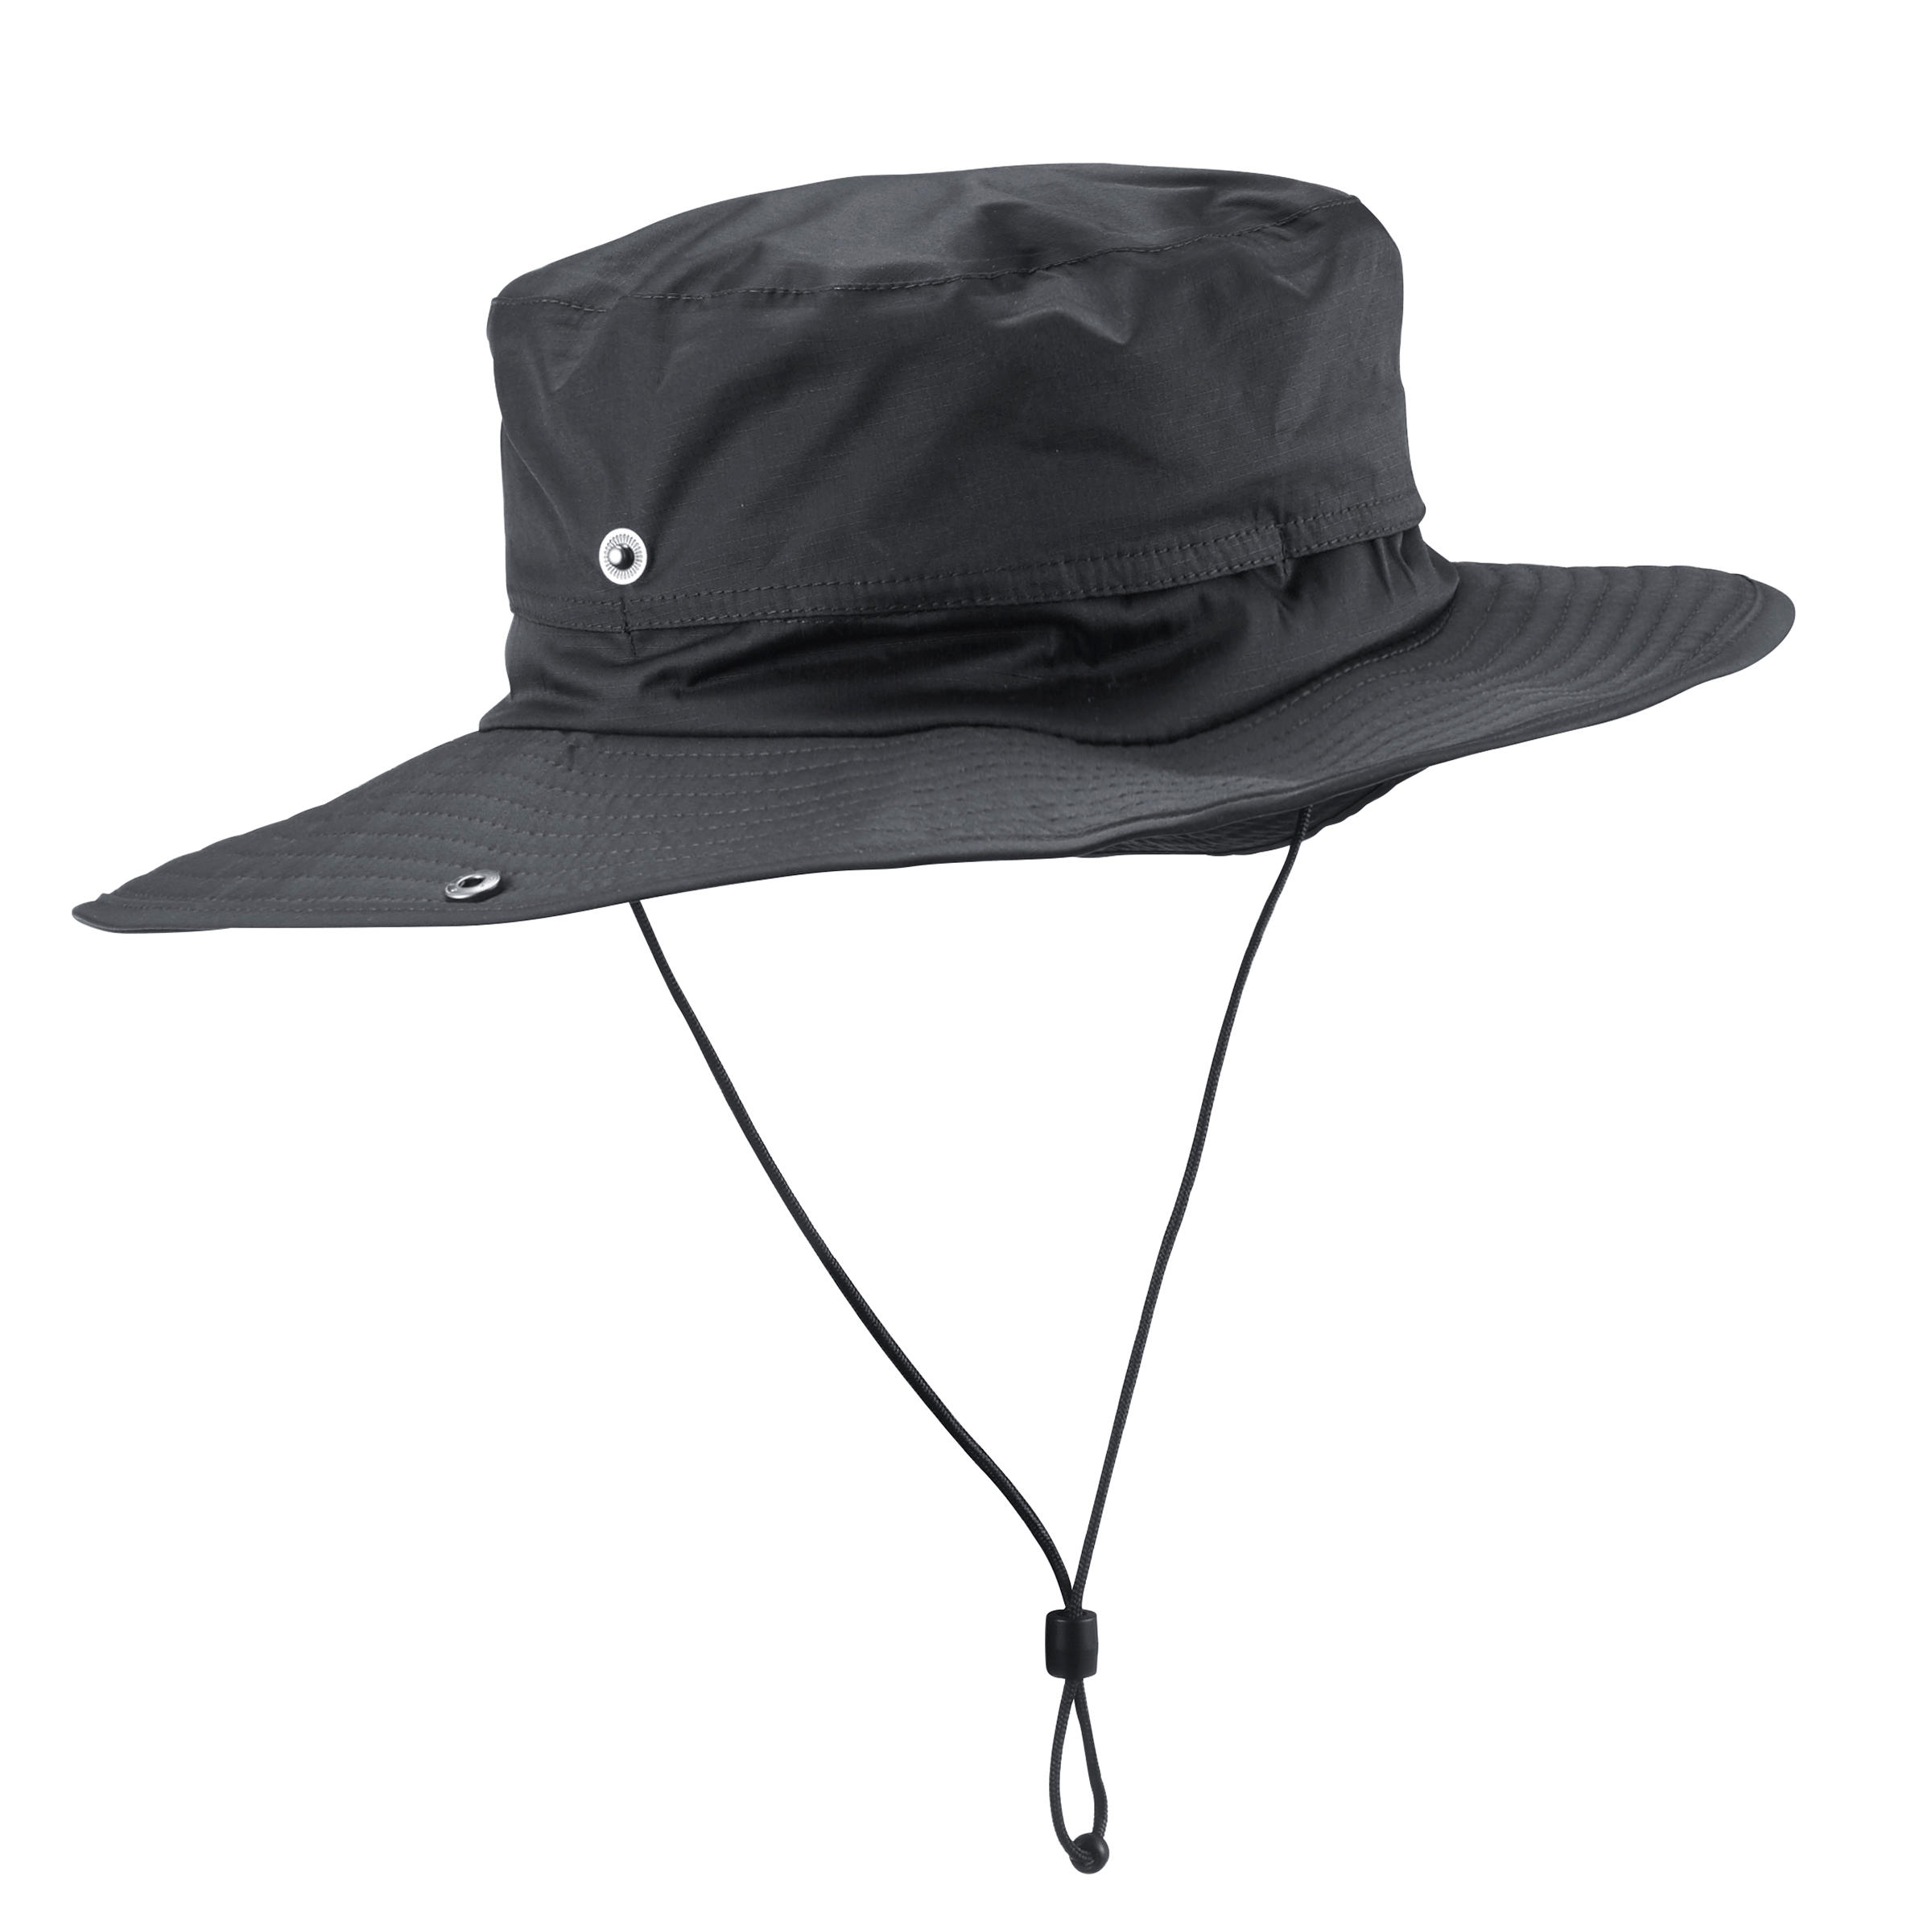 Hiking hat 900 waterproof dark grey